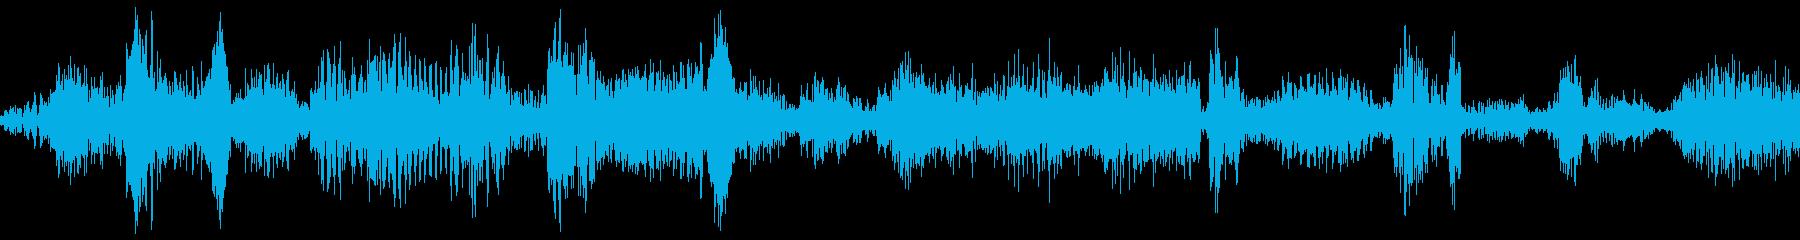 ラジオスキャン4の再生済みの波形